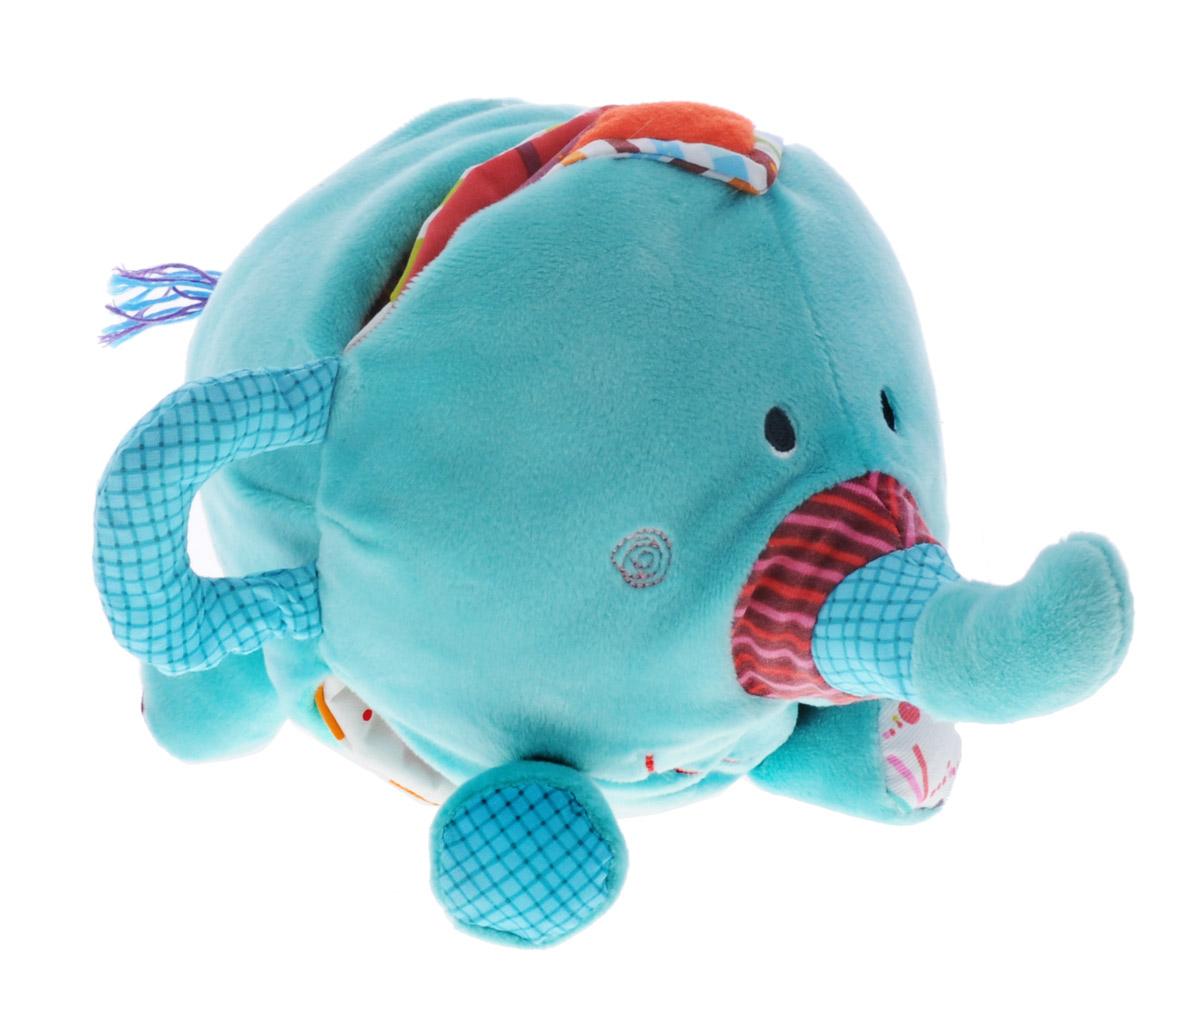 Lilliputiens Книжка-игрушка Слоненок Альберт86738Книжка-игрушка Lilliputiens Слоненок Альберт предназначена для детишек от 6 месяцев. Ее можно исследовать снова и снова. Она выполнена в виде симпатичного слоненка, раскрыв животик которого малыш обнаружит множество сюрпризов. На мягких страничках книжки встречаются самые разные персонажи. Здесь и отважный лев, и цыпленок, жонглирующий колечками, и длинноногий жираф. Объемные вышитые элементы можно трогать, открывать и закрывать, изучать, погружаясь в удивительный мир сказочных животных. На одной из страничек имеется даже маленькое зеркальце, нужно только внимательно его поискать. Сбоку имеется прорезыватель для зубов крохи. Ребенок может изучать книжку самостоятельно или с родителями, которые во время игры расскажут короткие истории или вместе с малышом разыграют короткие сценки. Игрушка выполнена из безопасных гипоаллергенных материалов. Яркие цвета и разная текстура элементов надолго привлекут внимание малютки. Книжка- игрушка Lilliputiens...